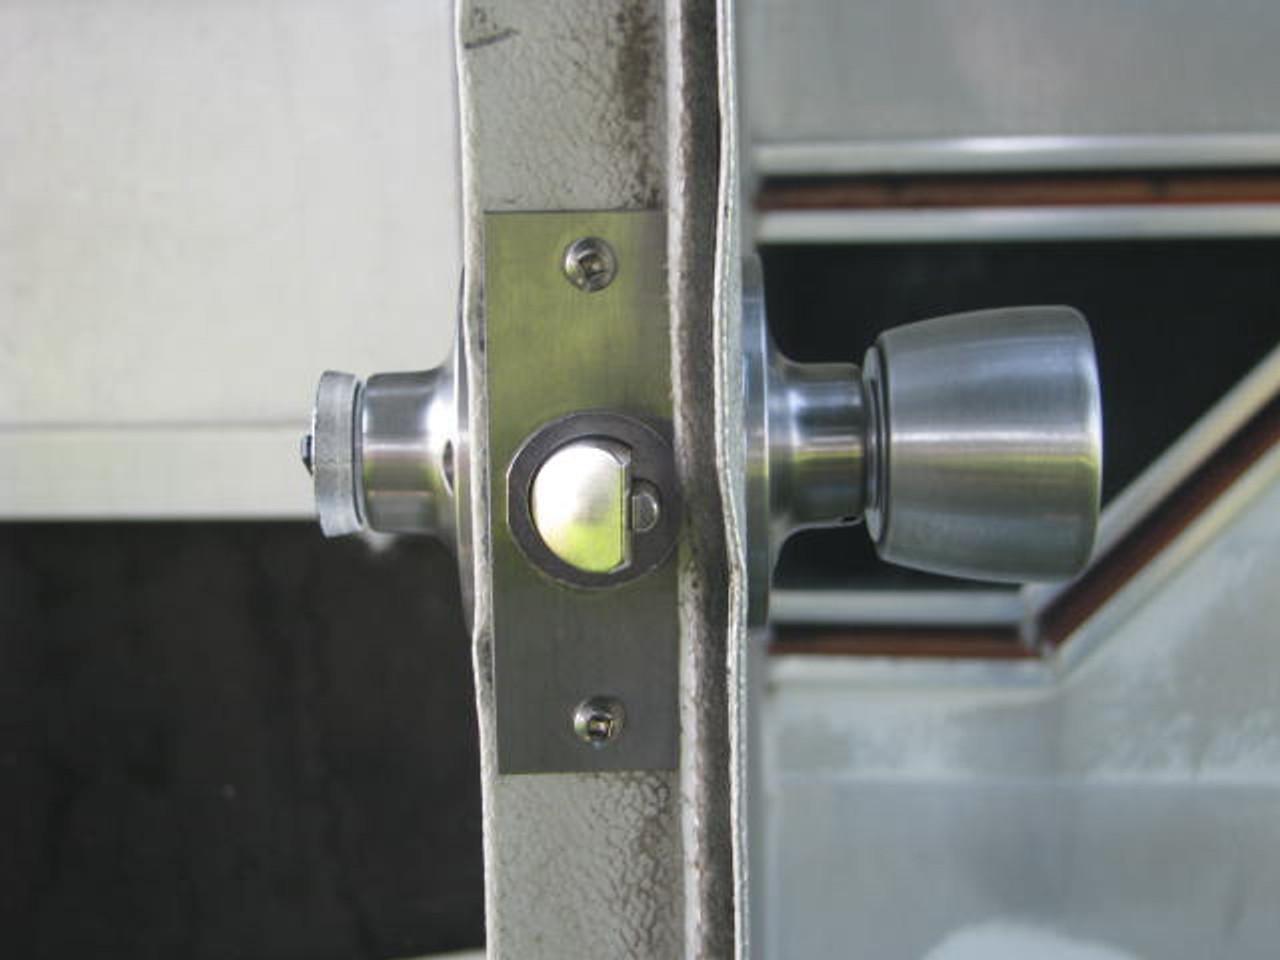 Bargman L-100, L-200 Retrofit Lock Kit (CHW106) Lock kit installed